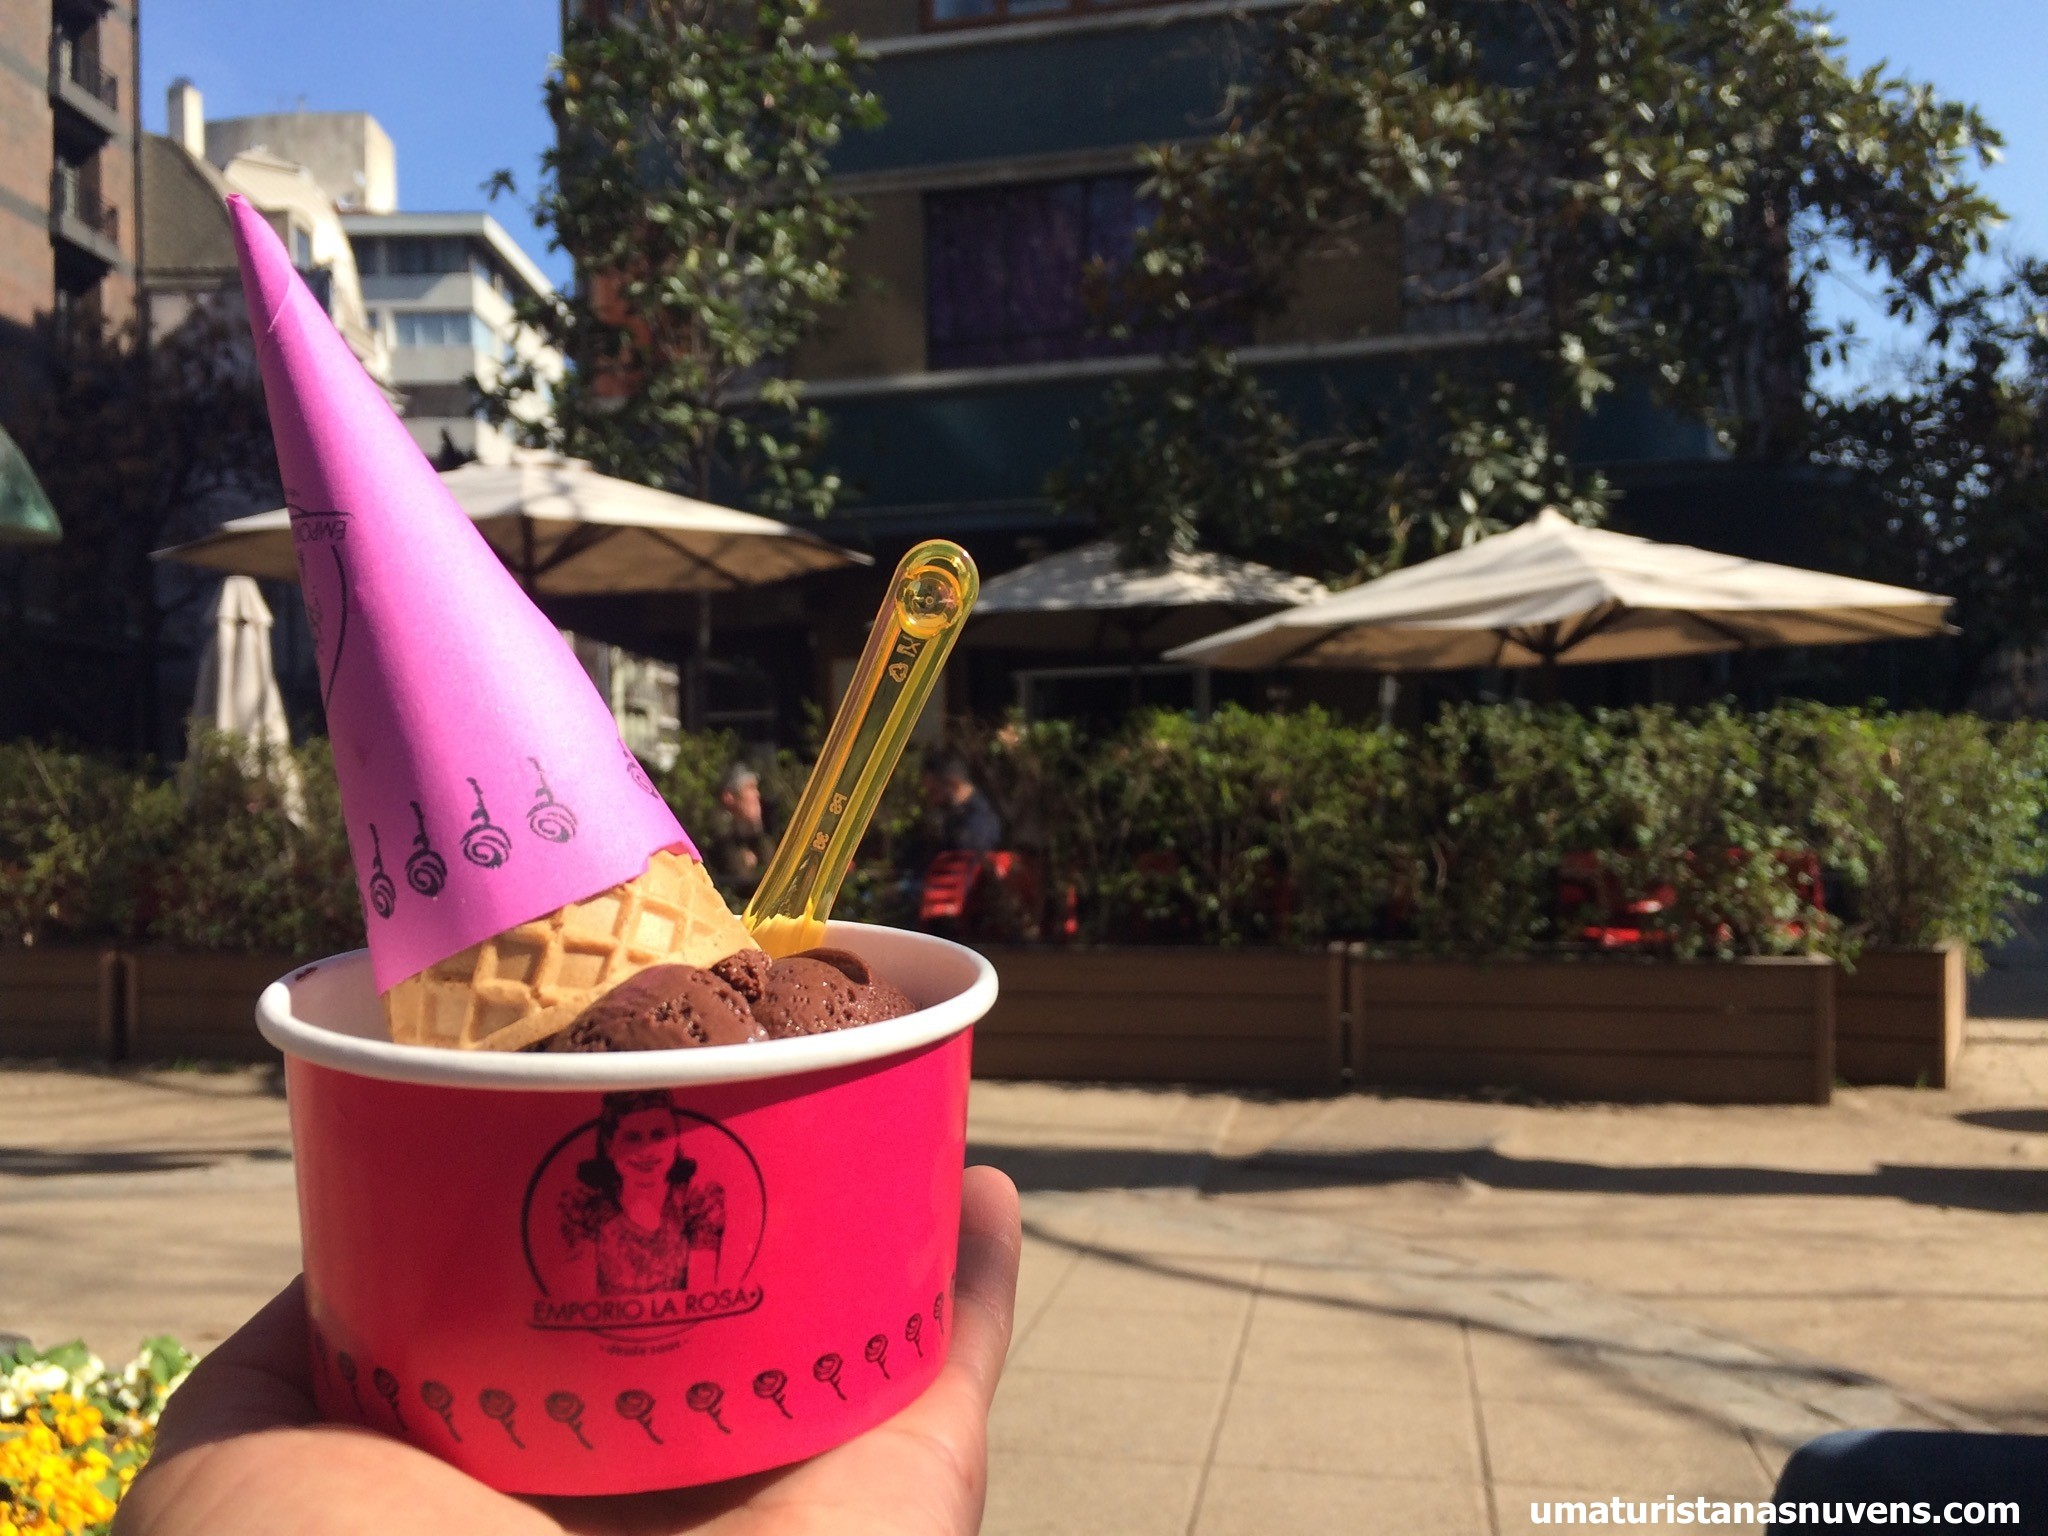 sorvete empoio da rosa